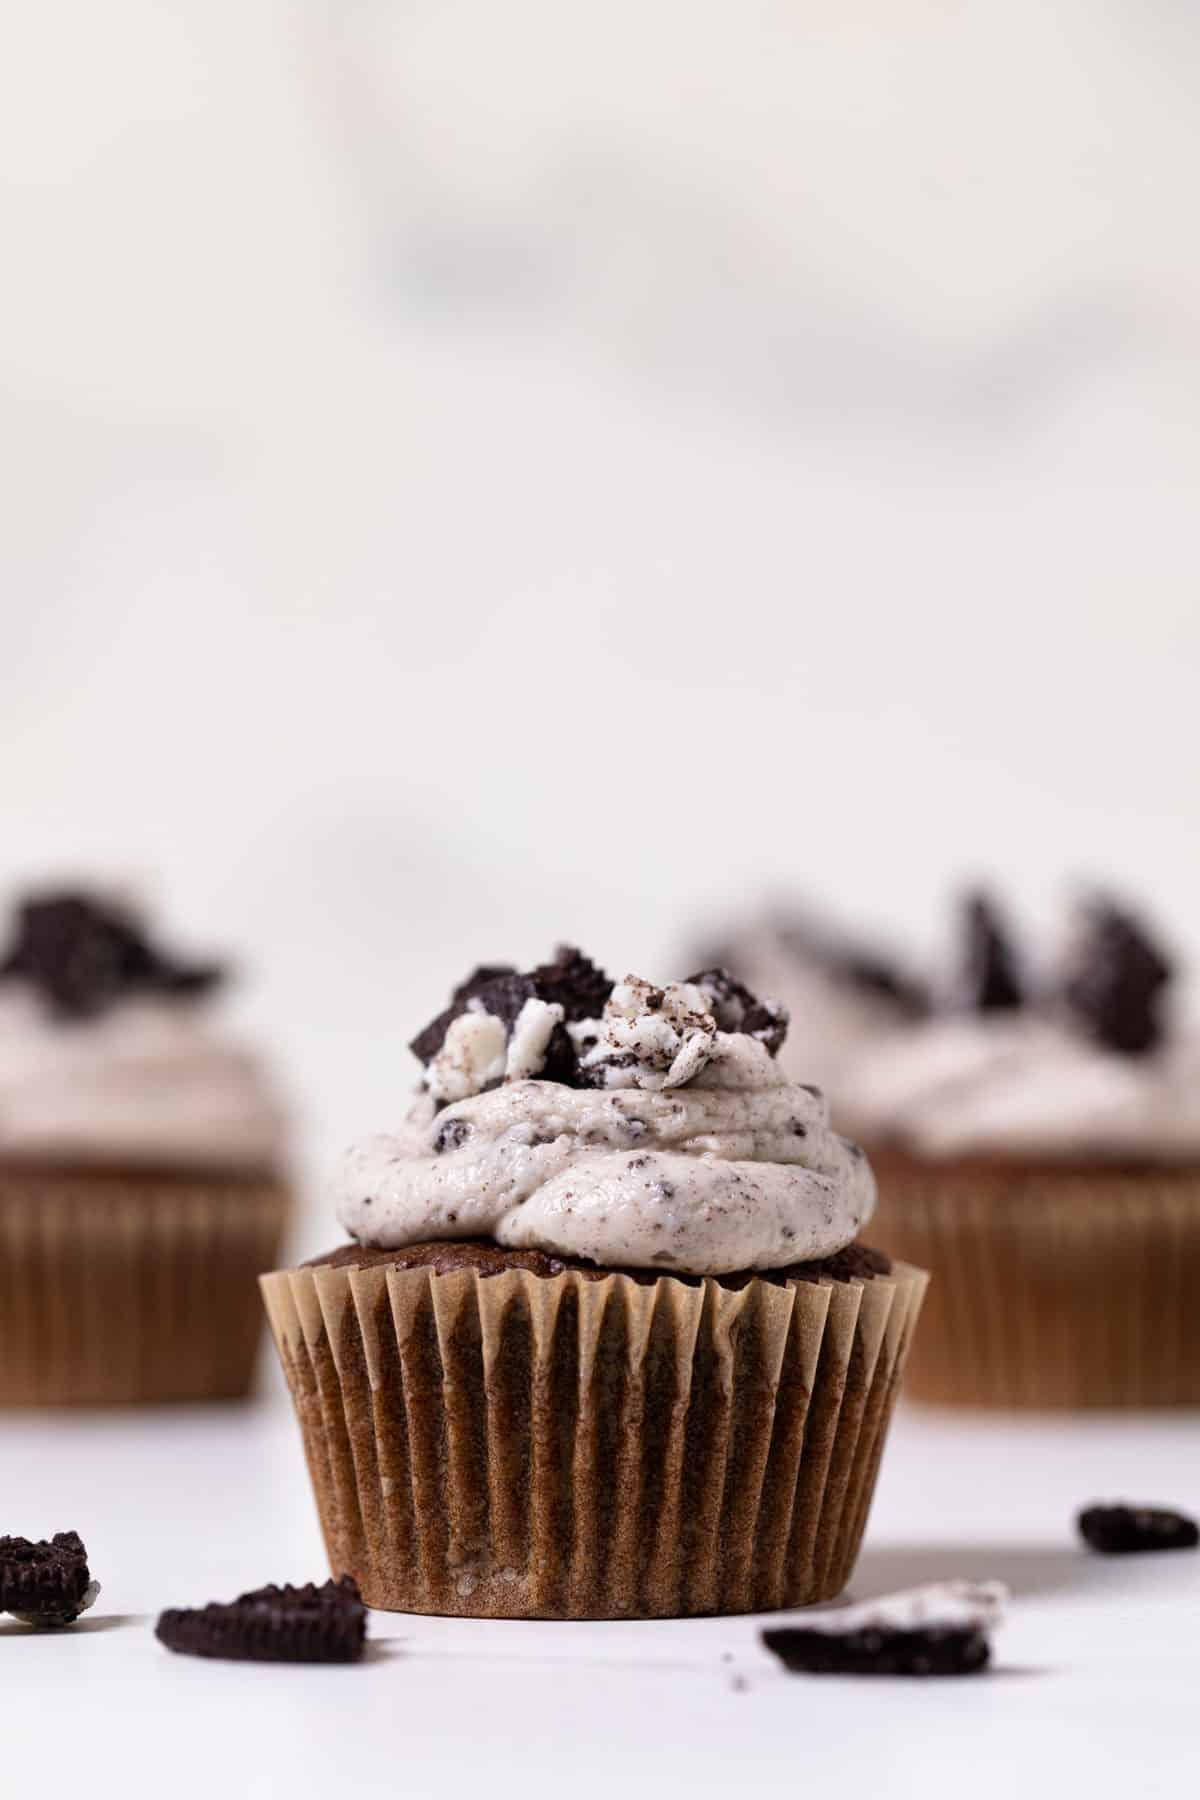 Vegan Chocolate Oreo Cupcakes